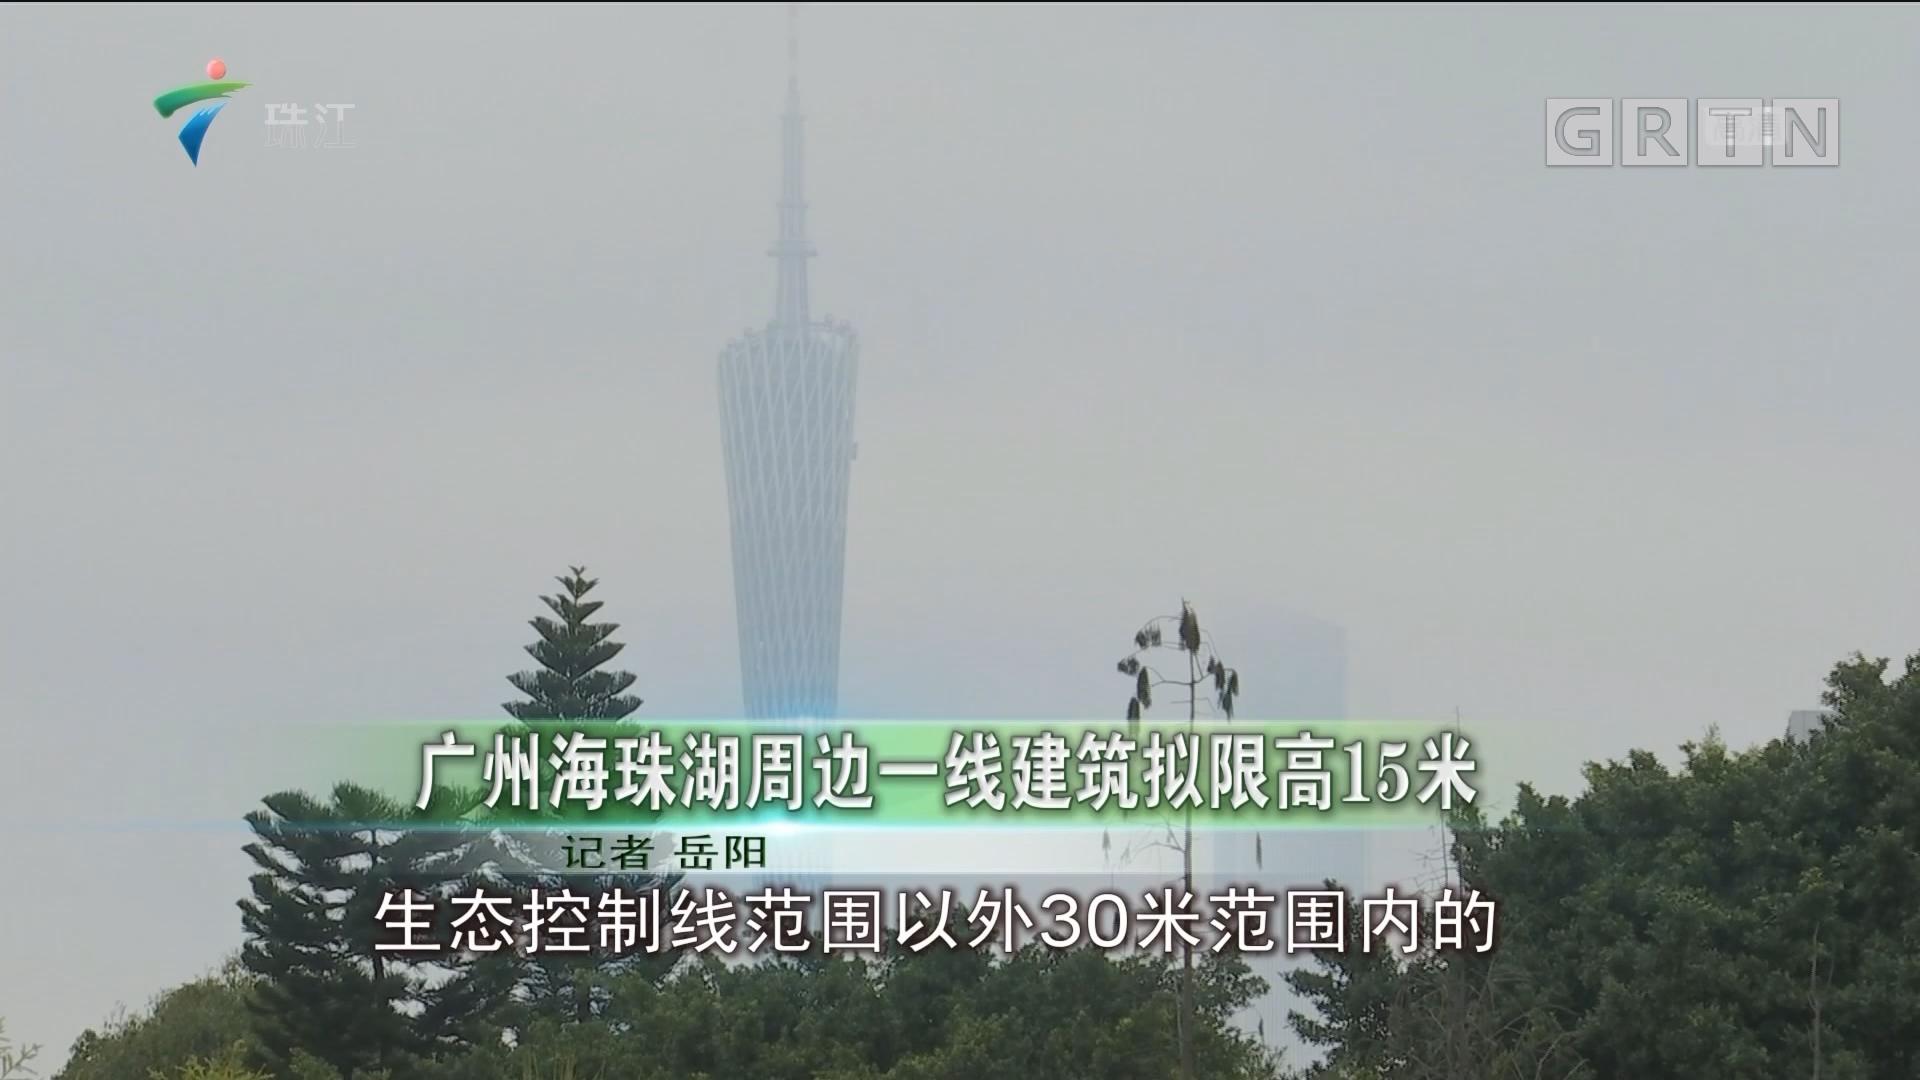 广州海珠湖周边一线建筑拟限高15米